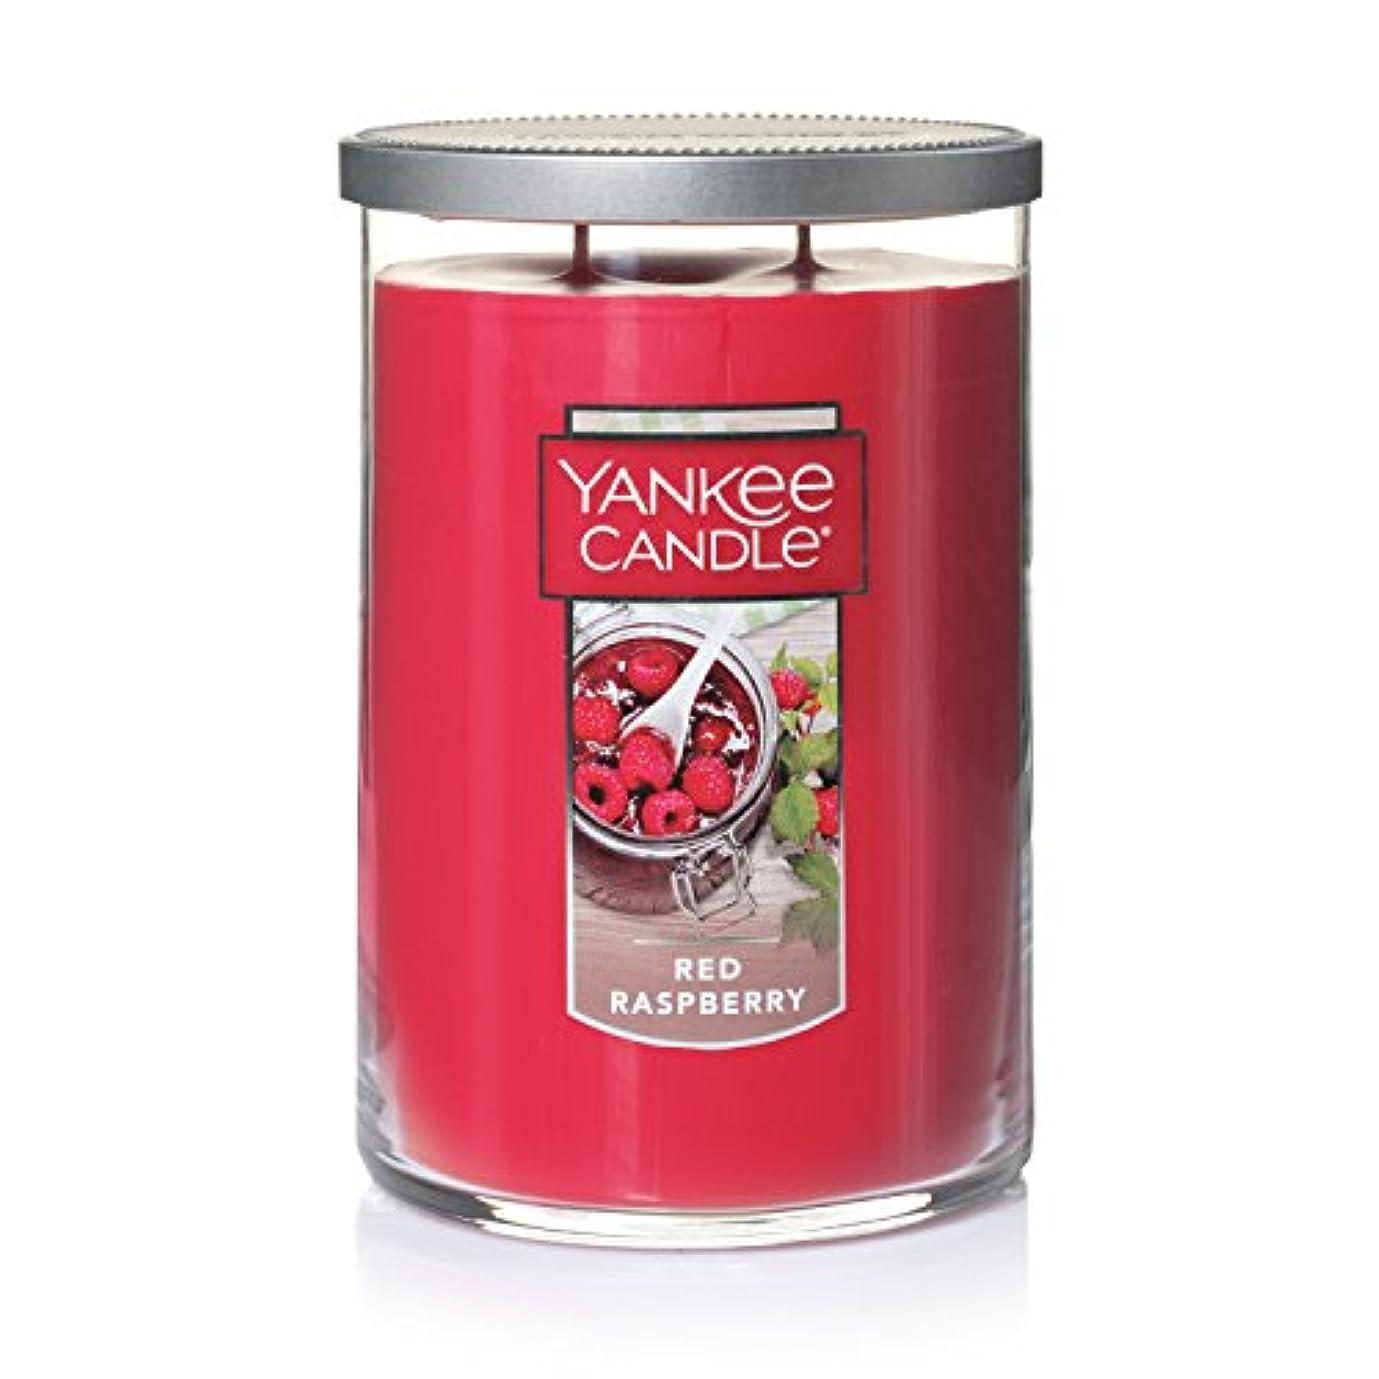 浸すブルーム原子炉Yankee Candleレッドラズベリーティーライトキャンドル、フルーツ香り Large 2-Wick Tumbler Candle レッド 1323195